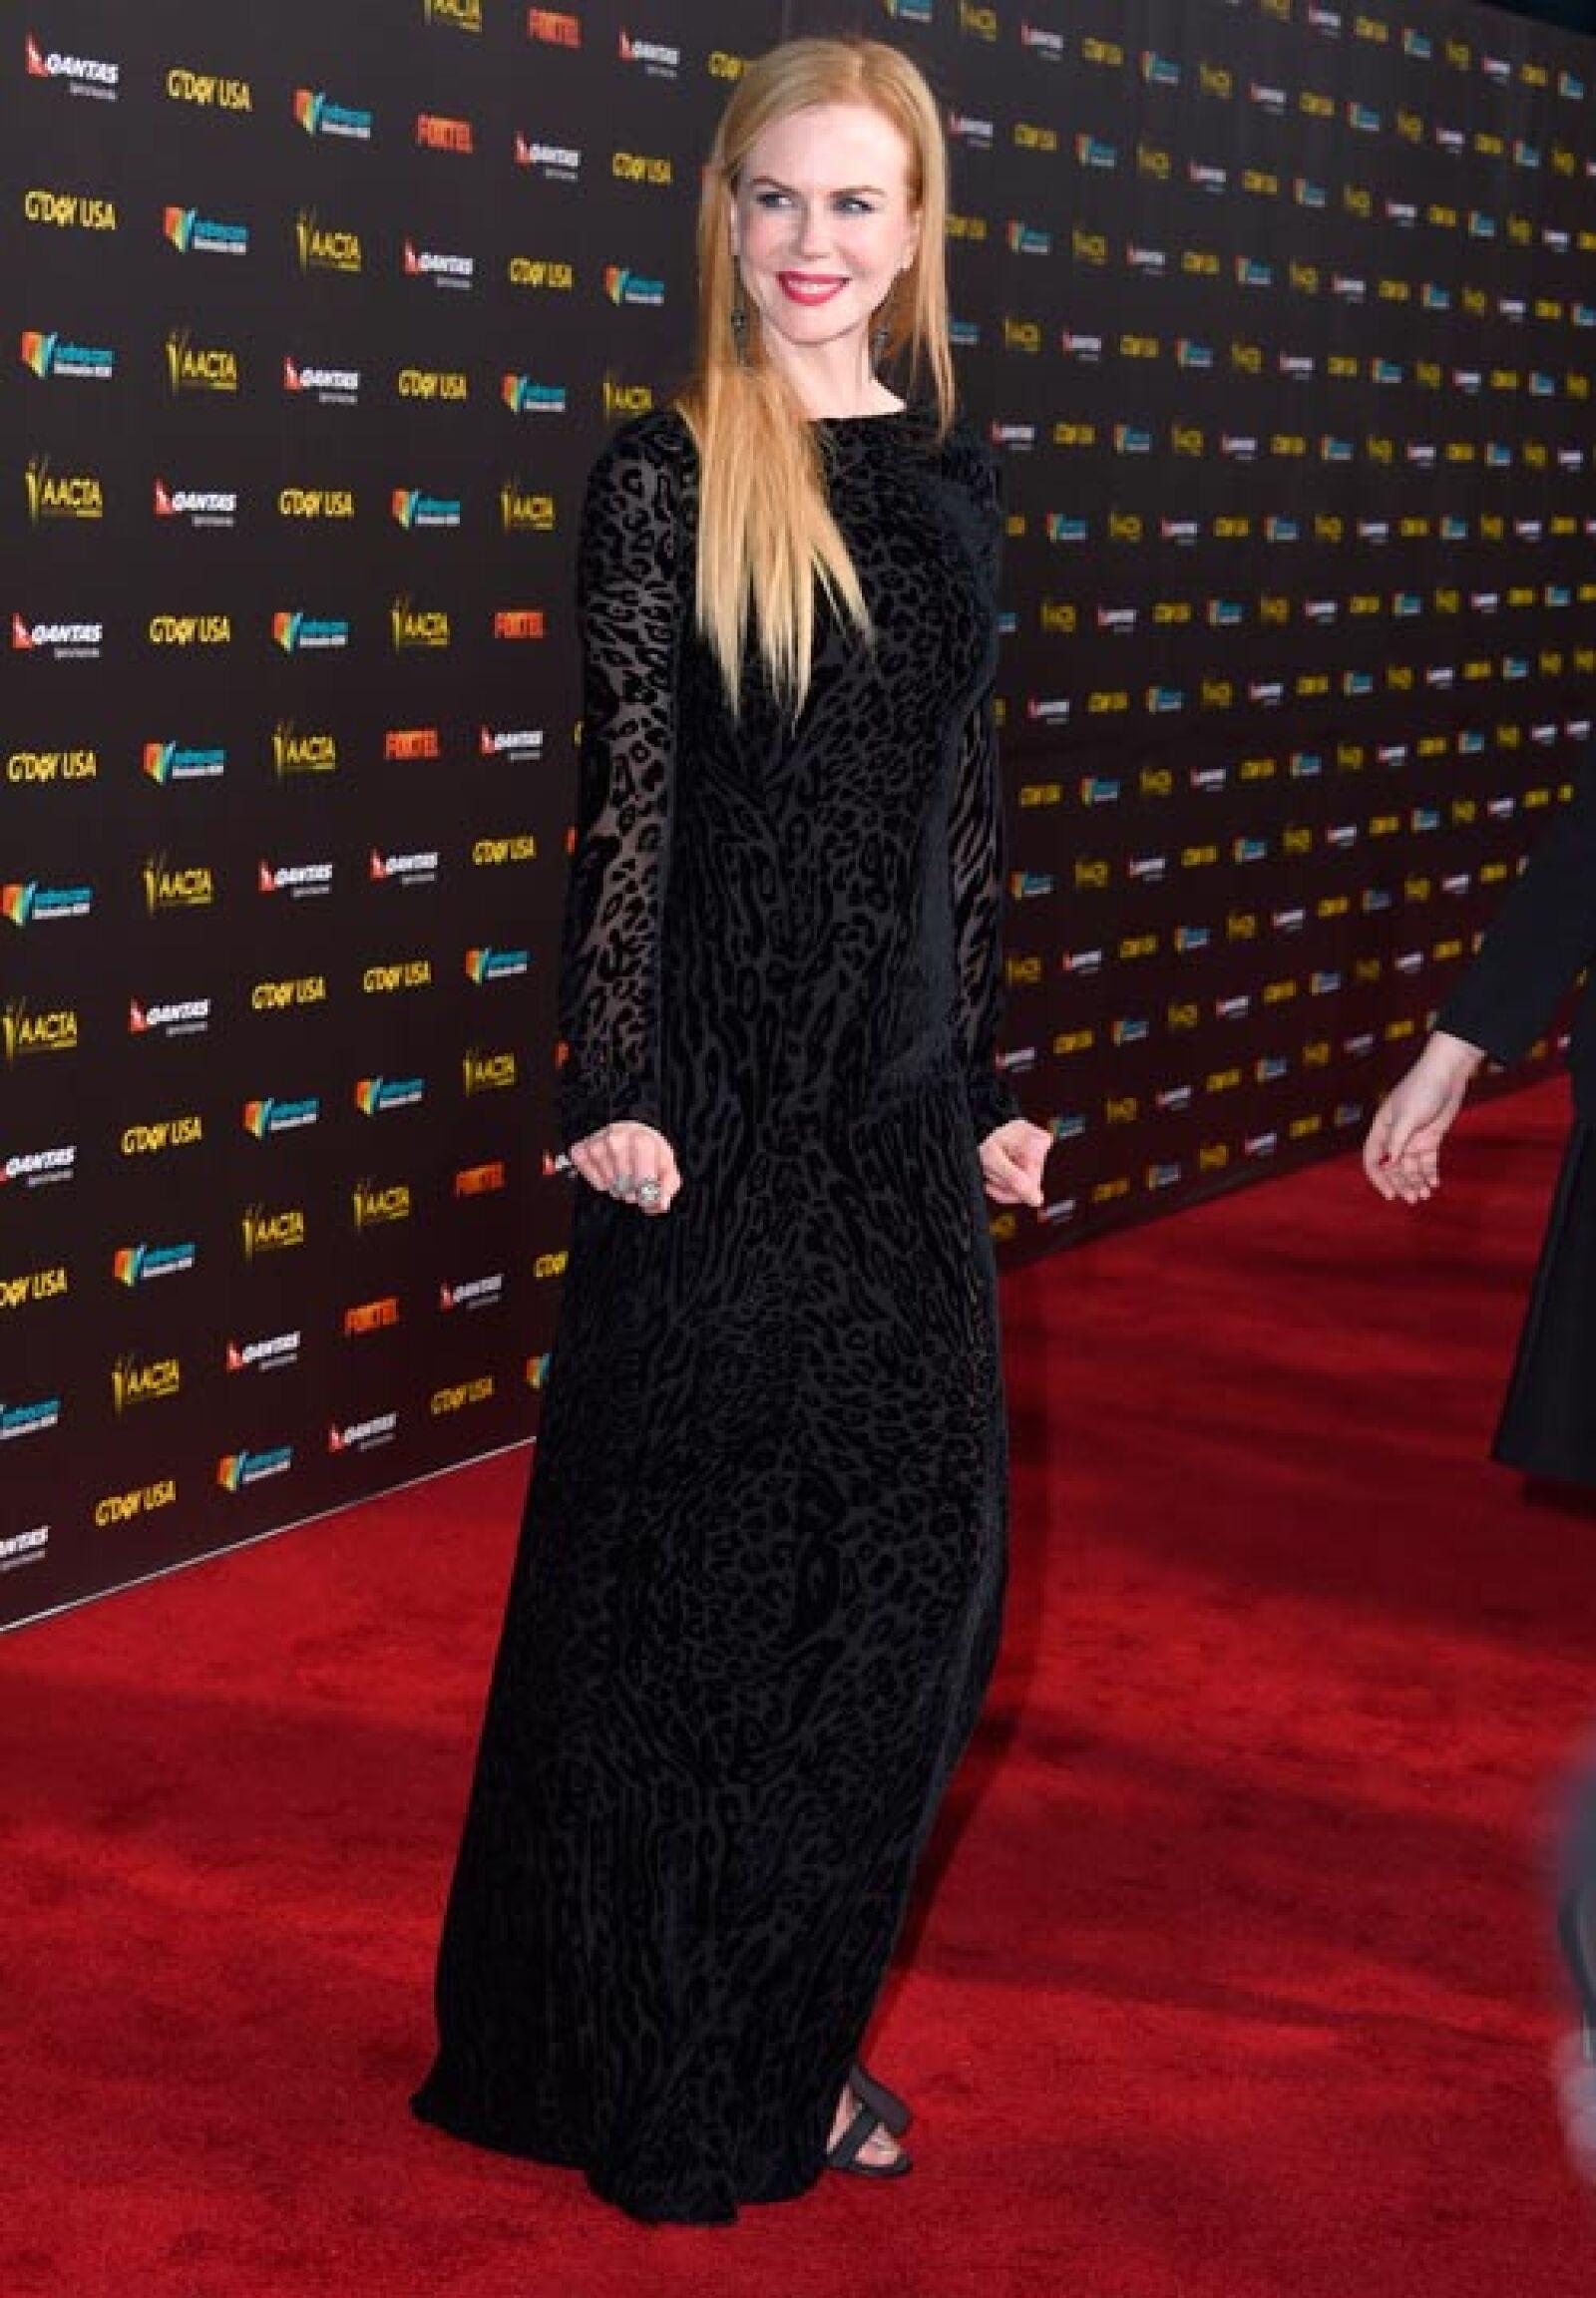 Nicole aunque lucía despampanante con su vestido de noche, no brilló tanto como Scarlett y Elsa.